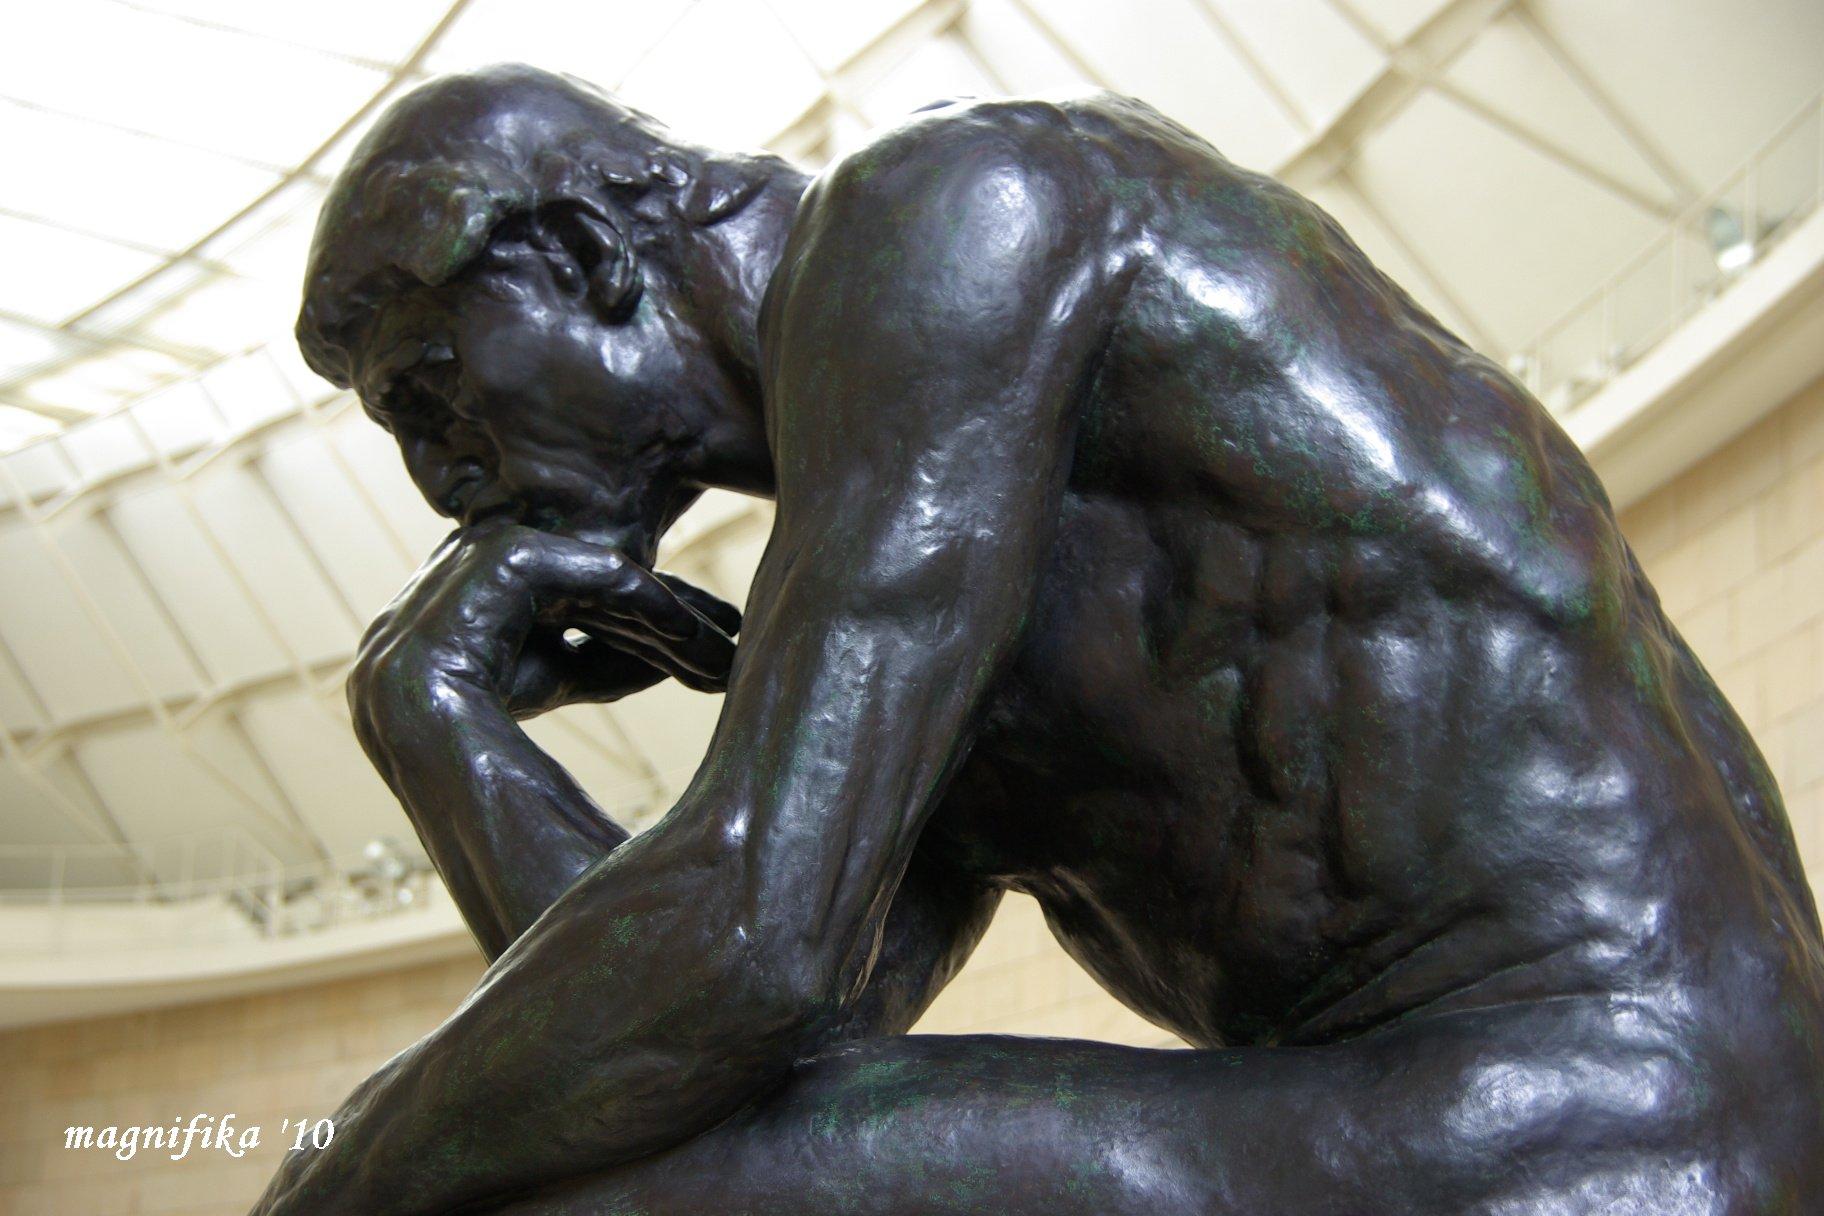 静岡県立美術館 ロダン館-1 Rodin Wing of Shizuoka Pref. Museum of Art_e0140365_20541470.jpg